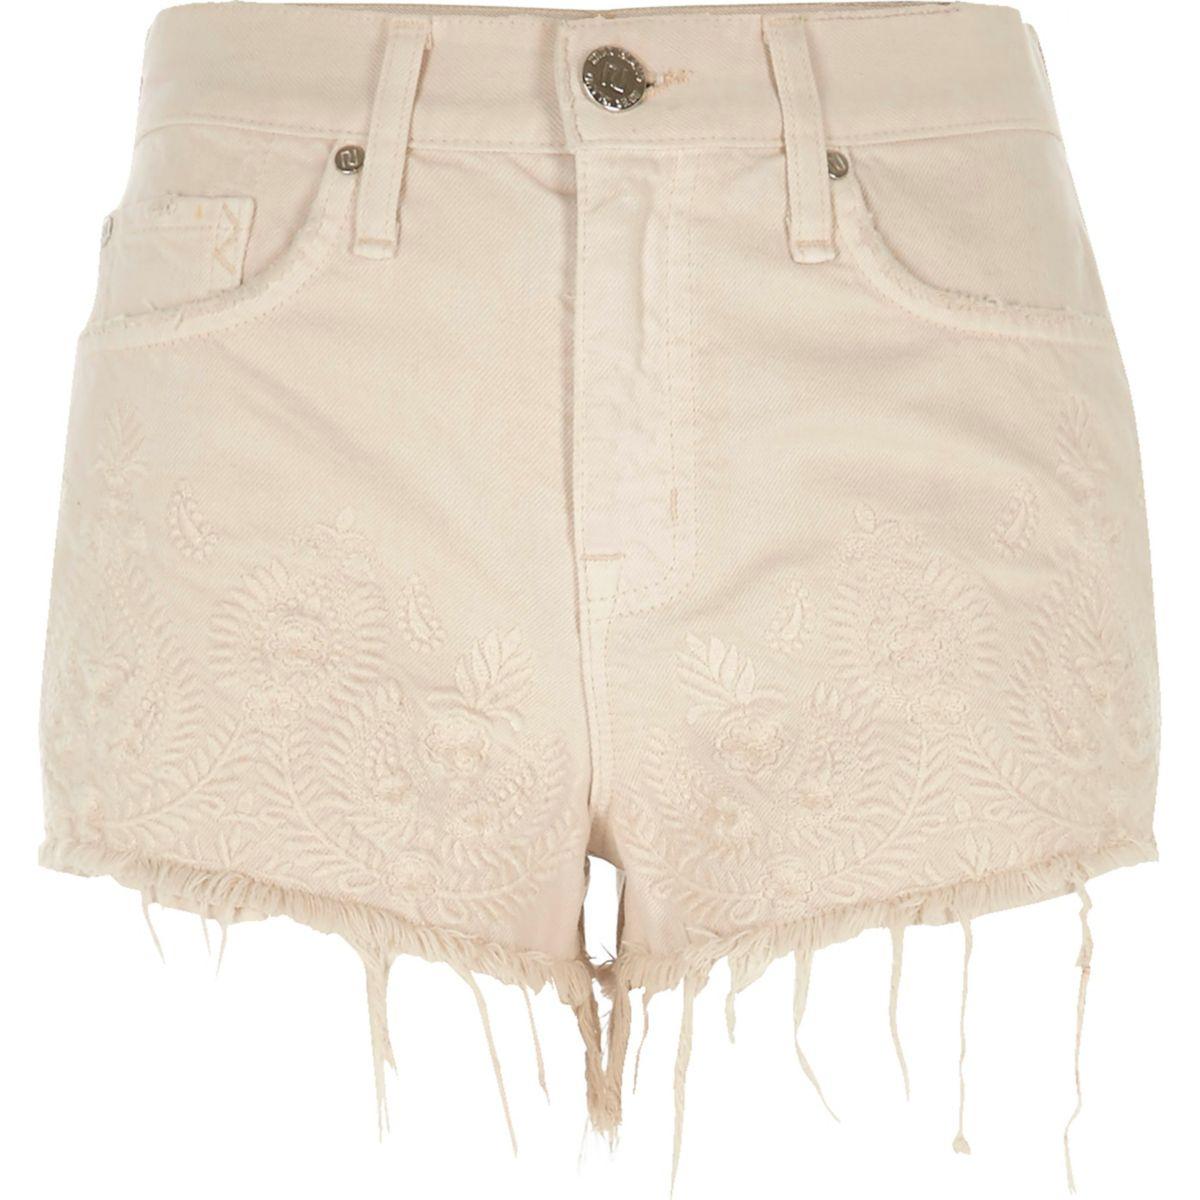 Beige embroidered raw edge denim shorts